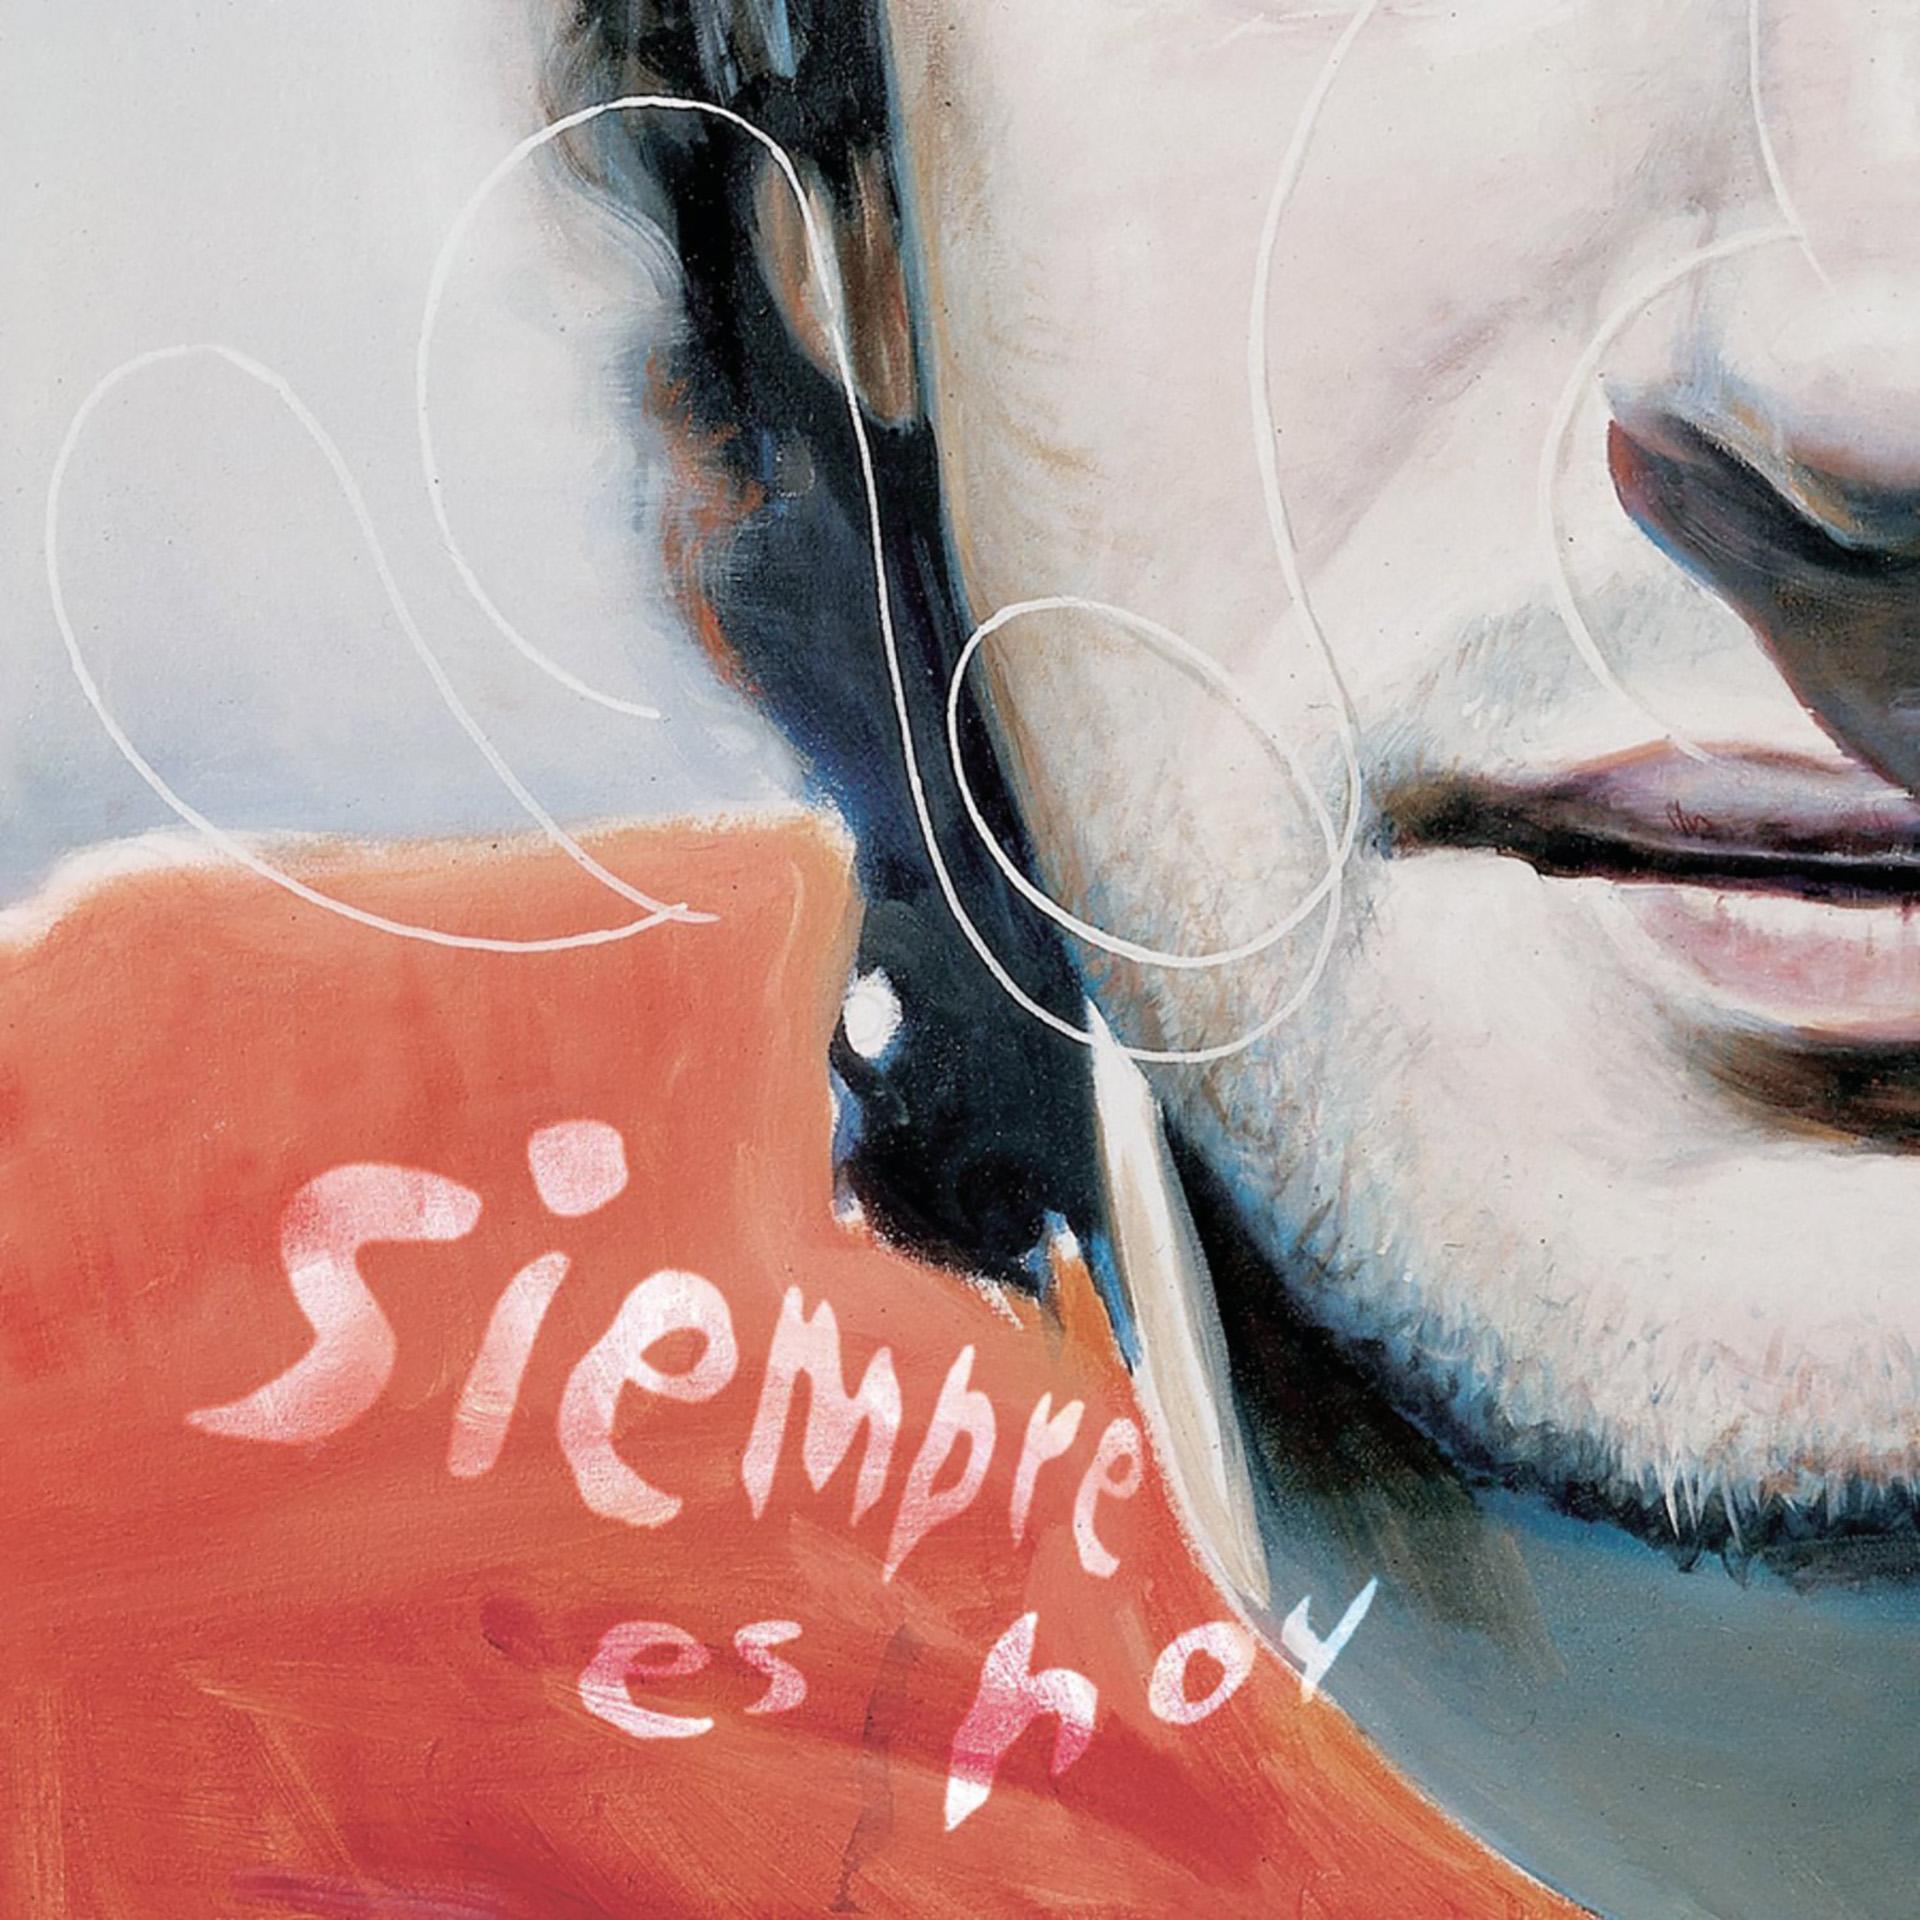 Gustavo Cerati cumpliría 60 años: un repaso por todos sus discos con Soda Stereo y como solista - Infobae